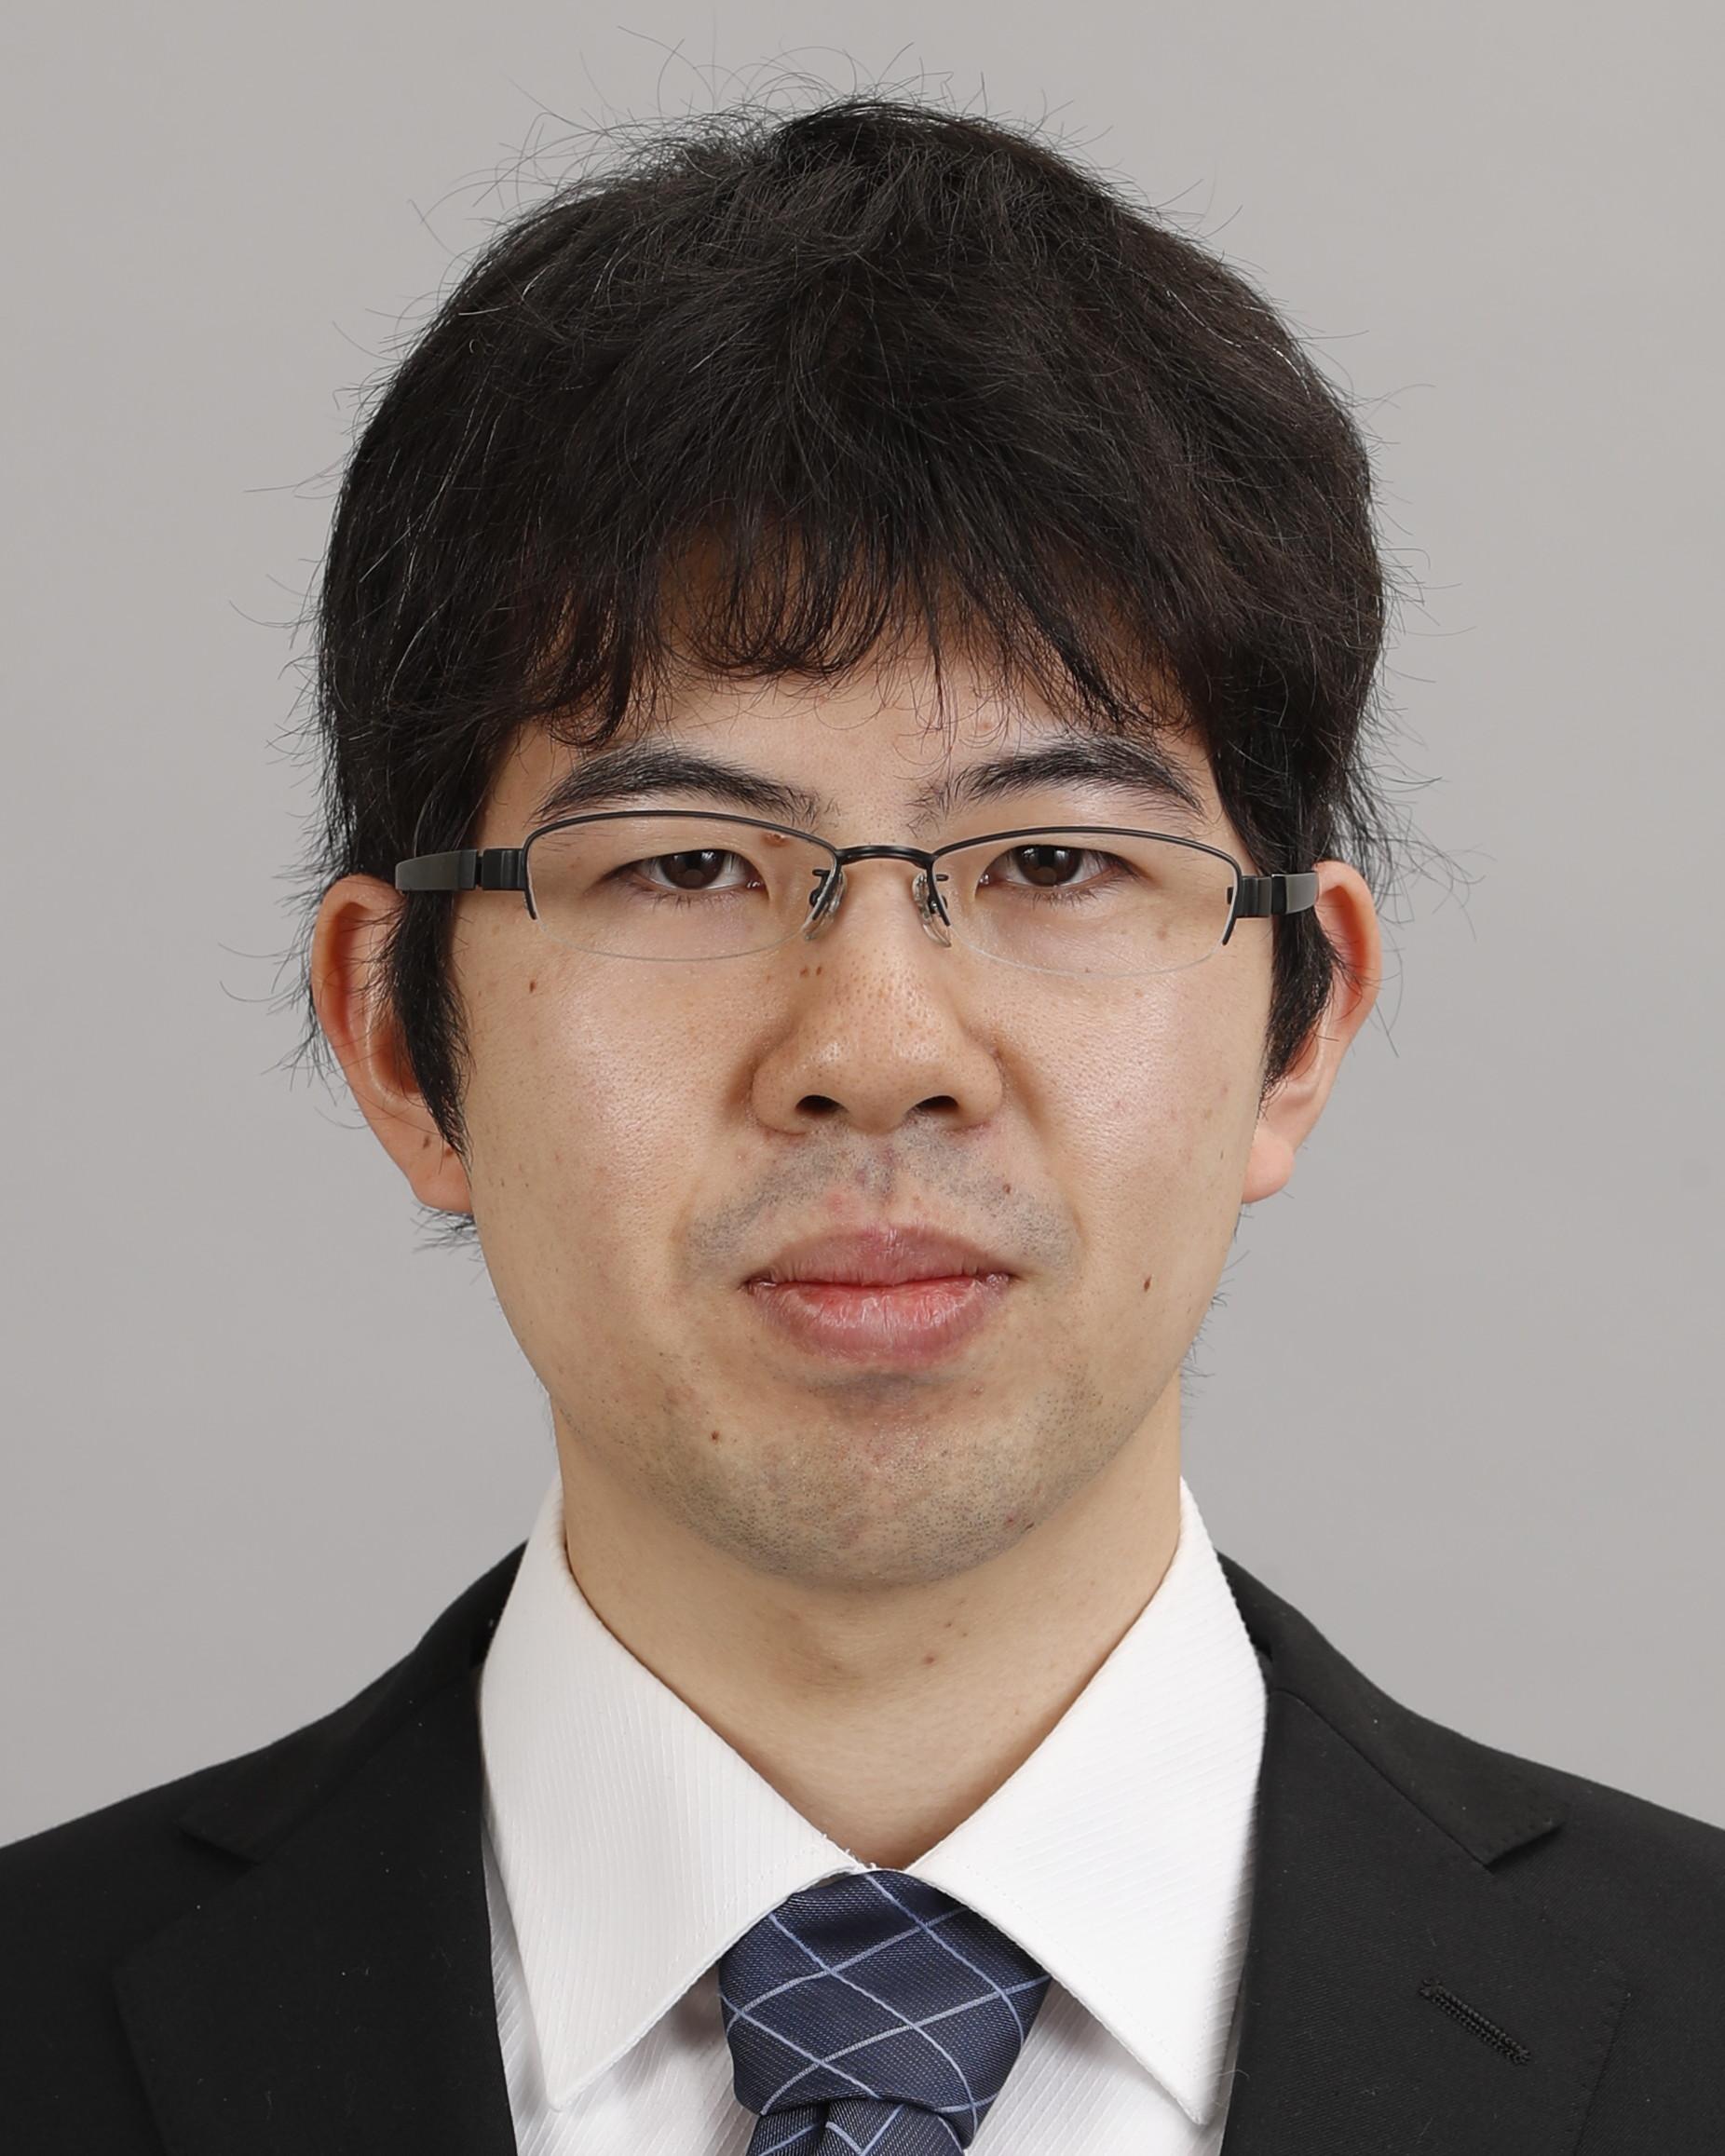 YOSHIDA Yuichi